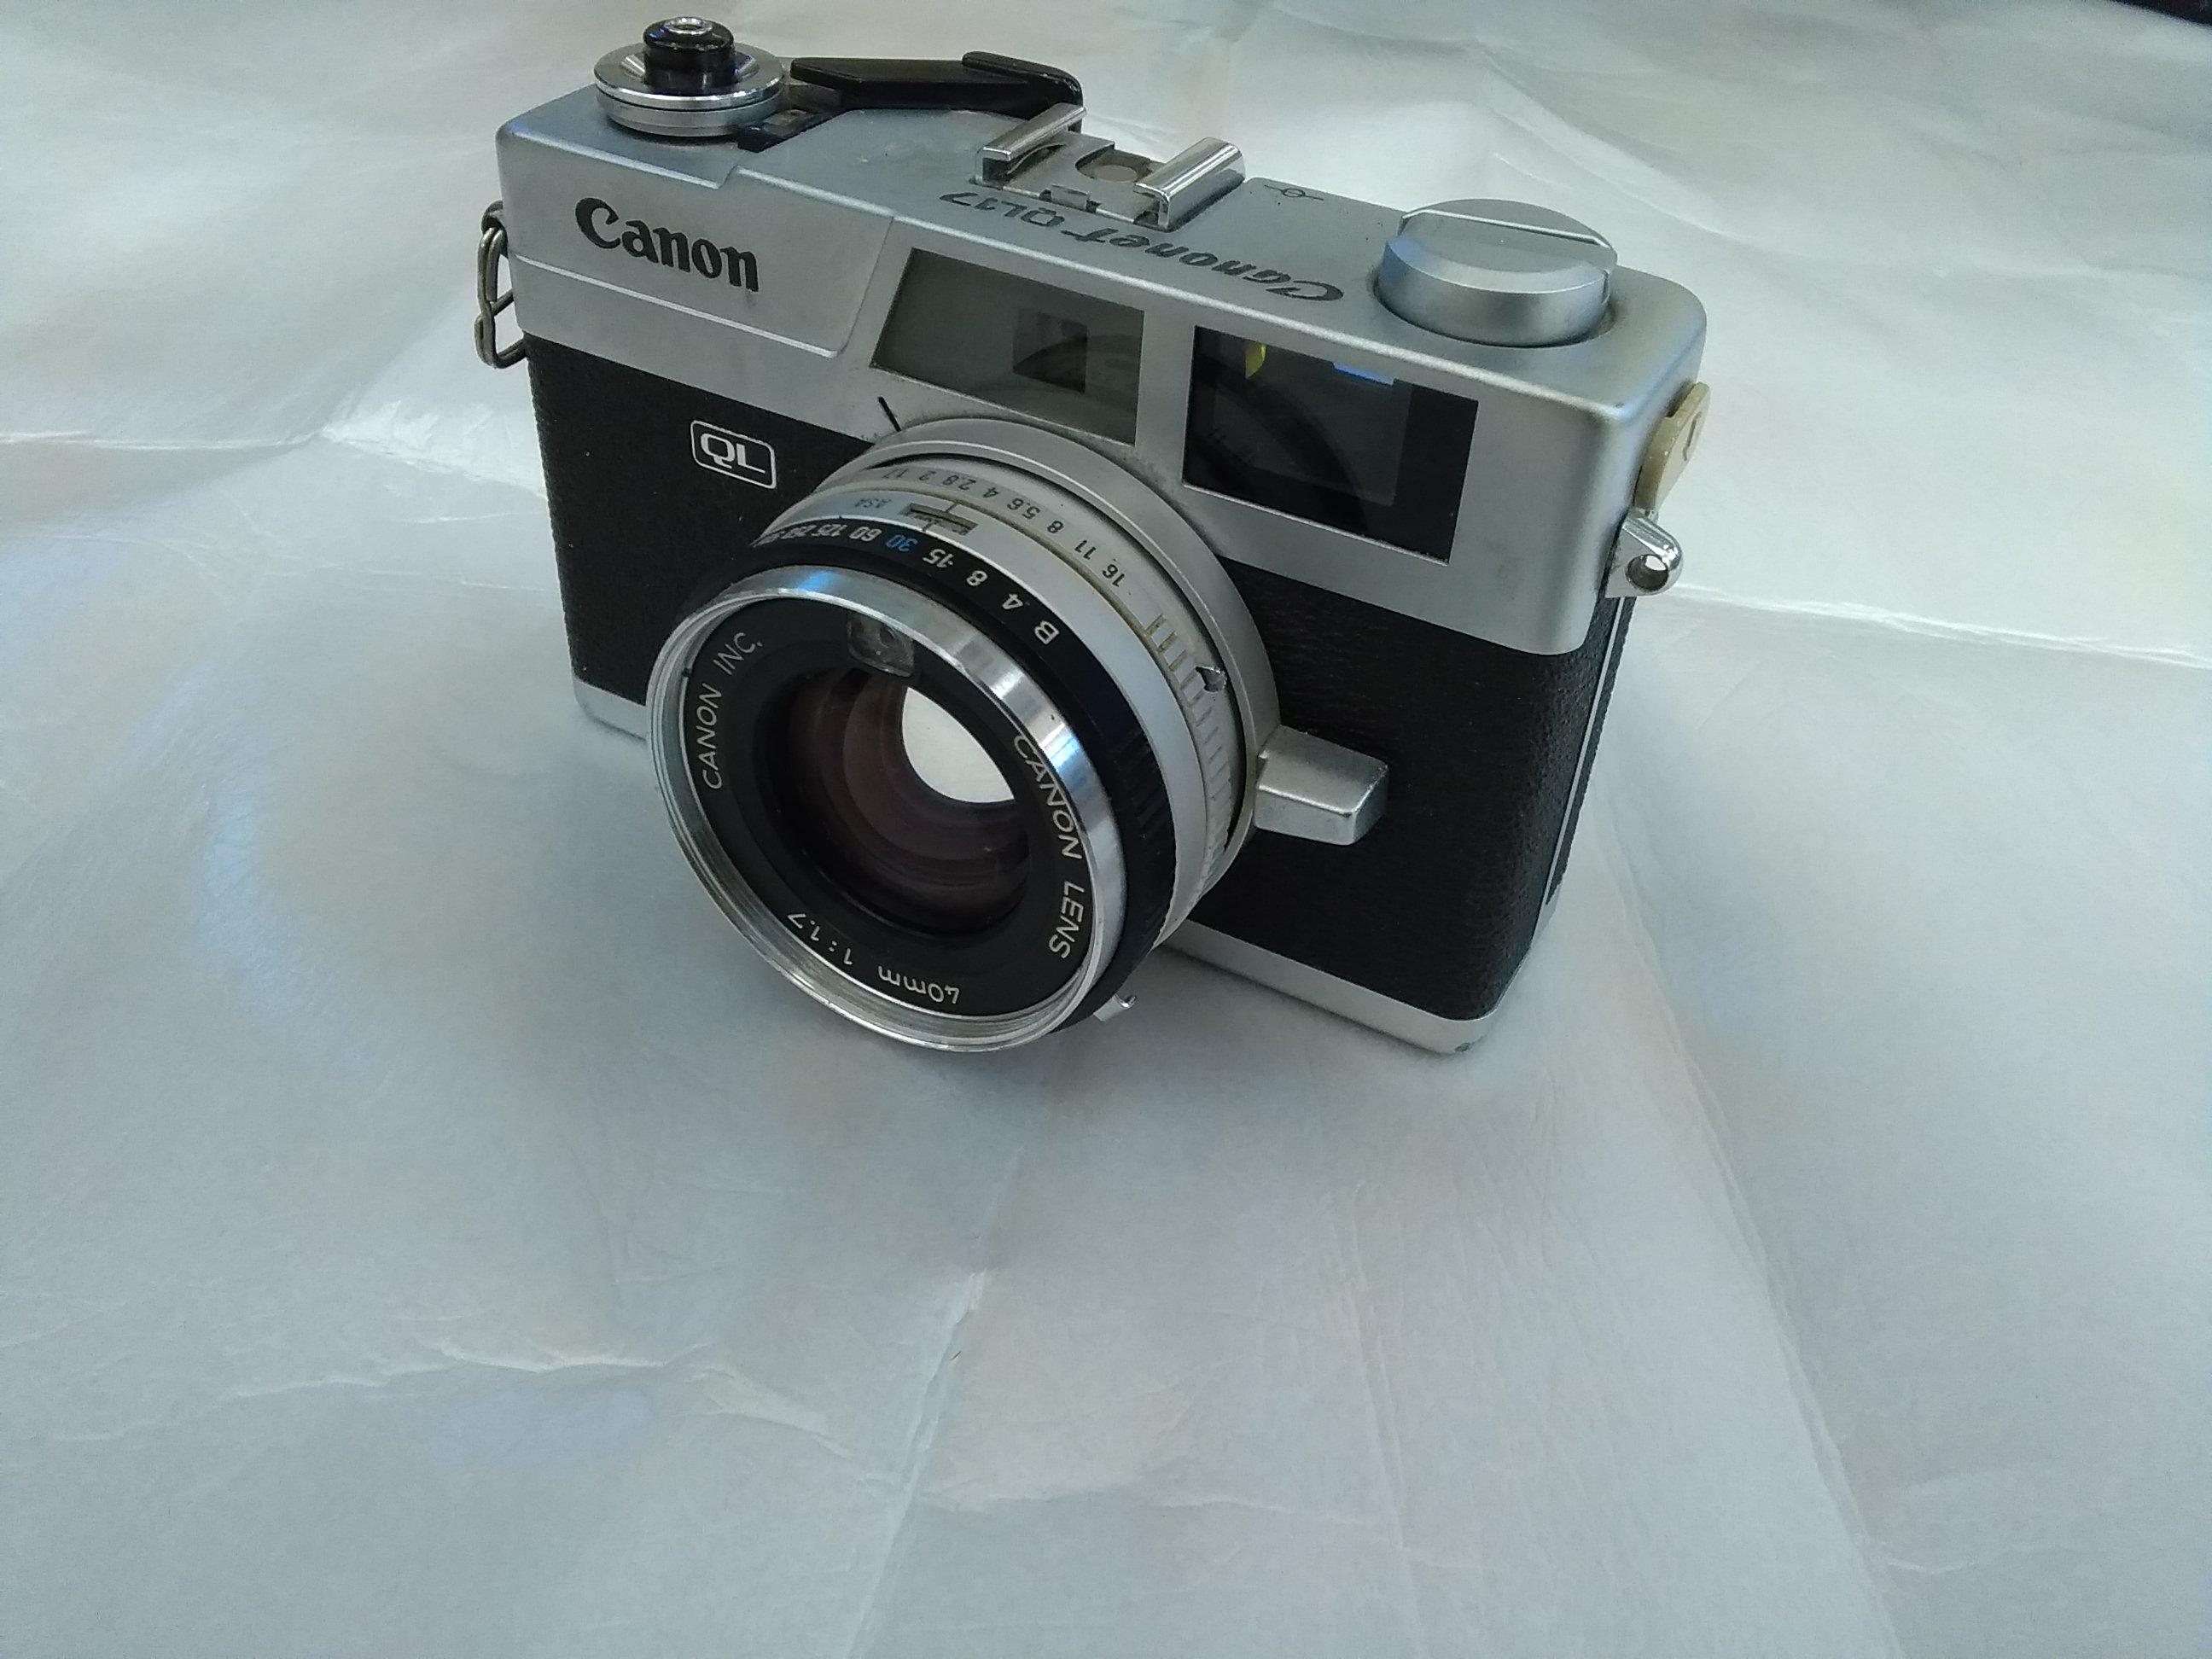 【ジャンク】レンズシャッター式カメラ|CANON